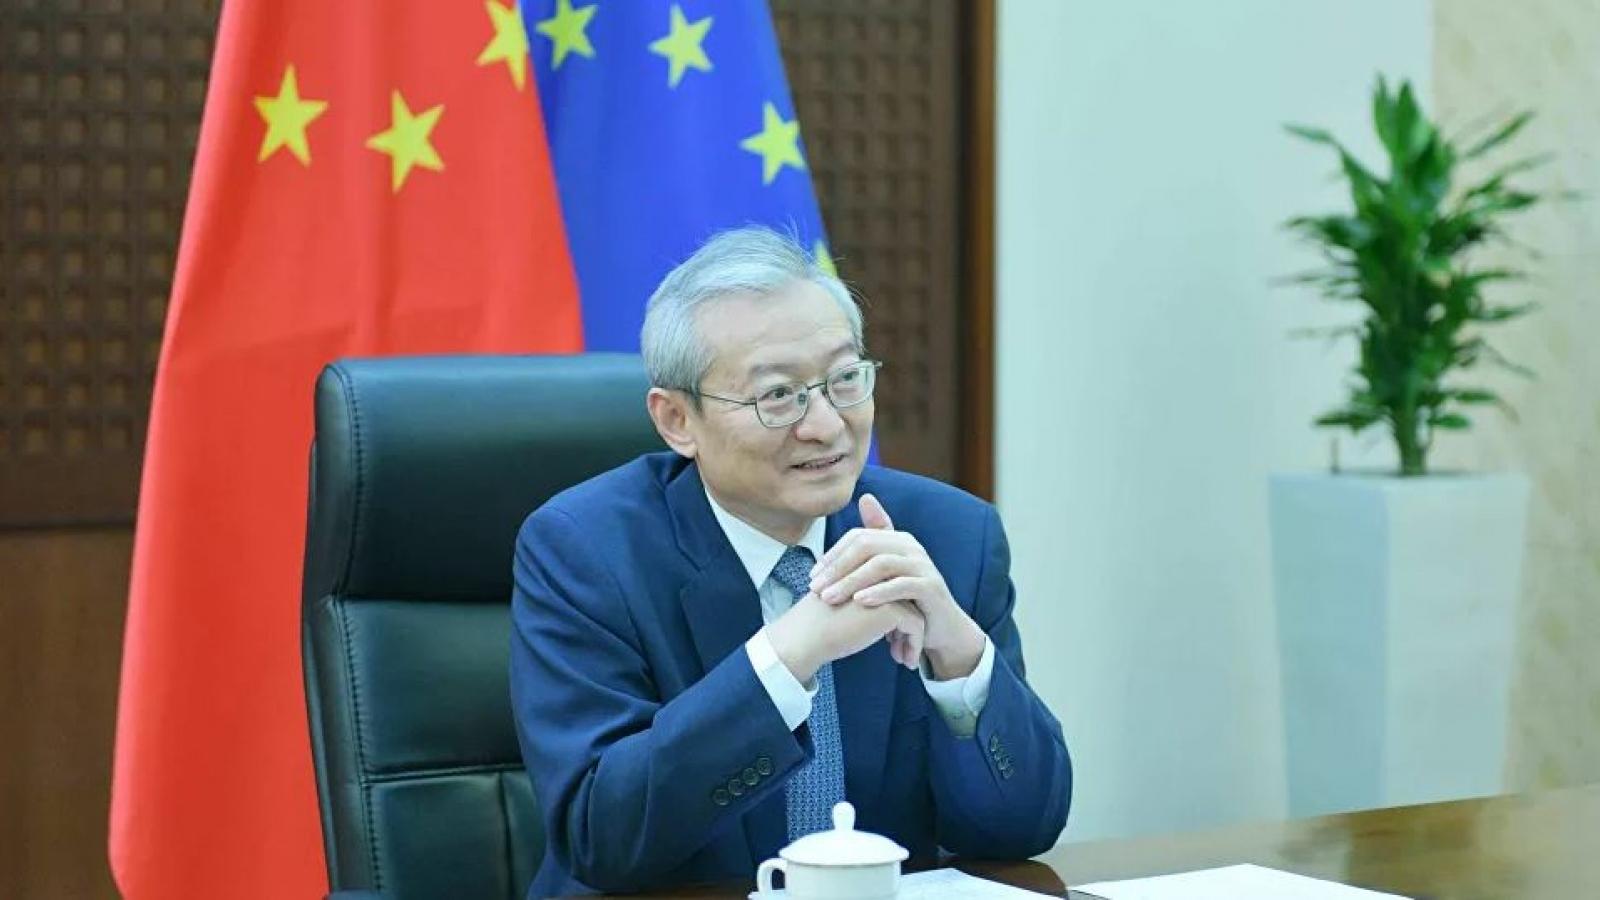 """Đại sứ Trung Quốc tuyên bố """"không lùi bước"""" trước lệnh trừng phạt của EU"""